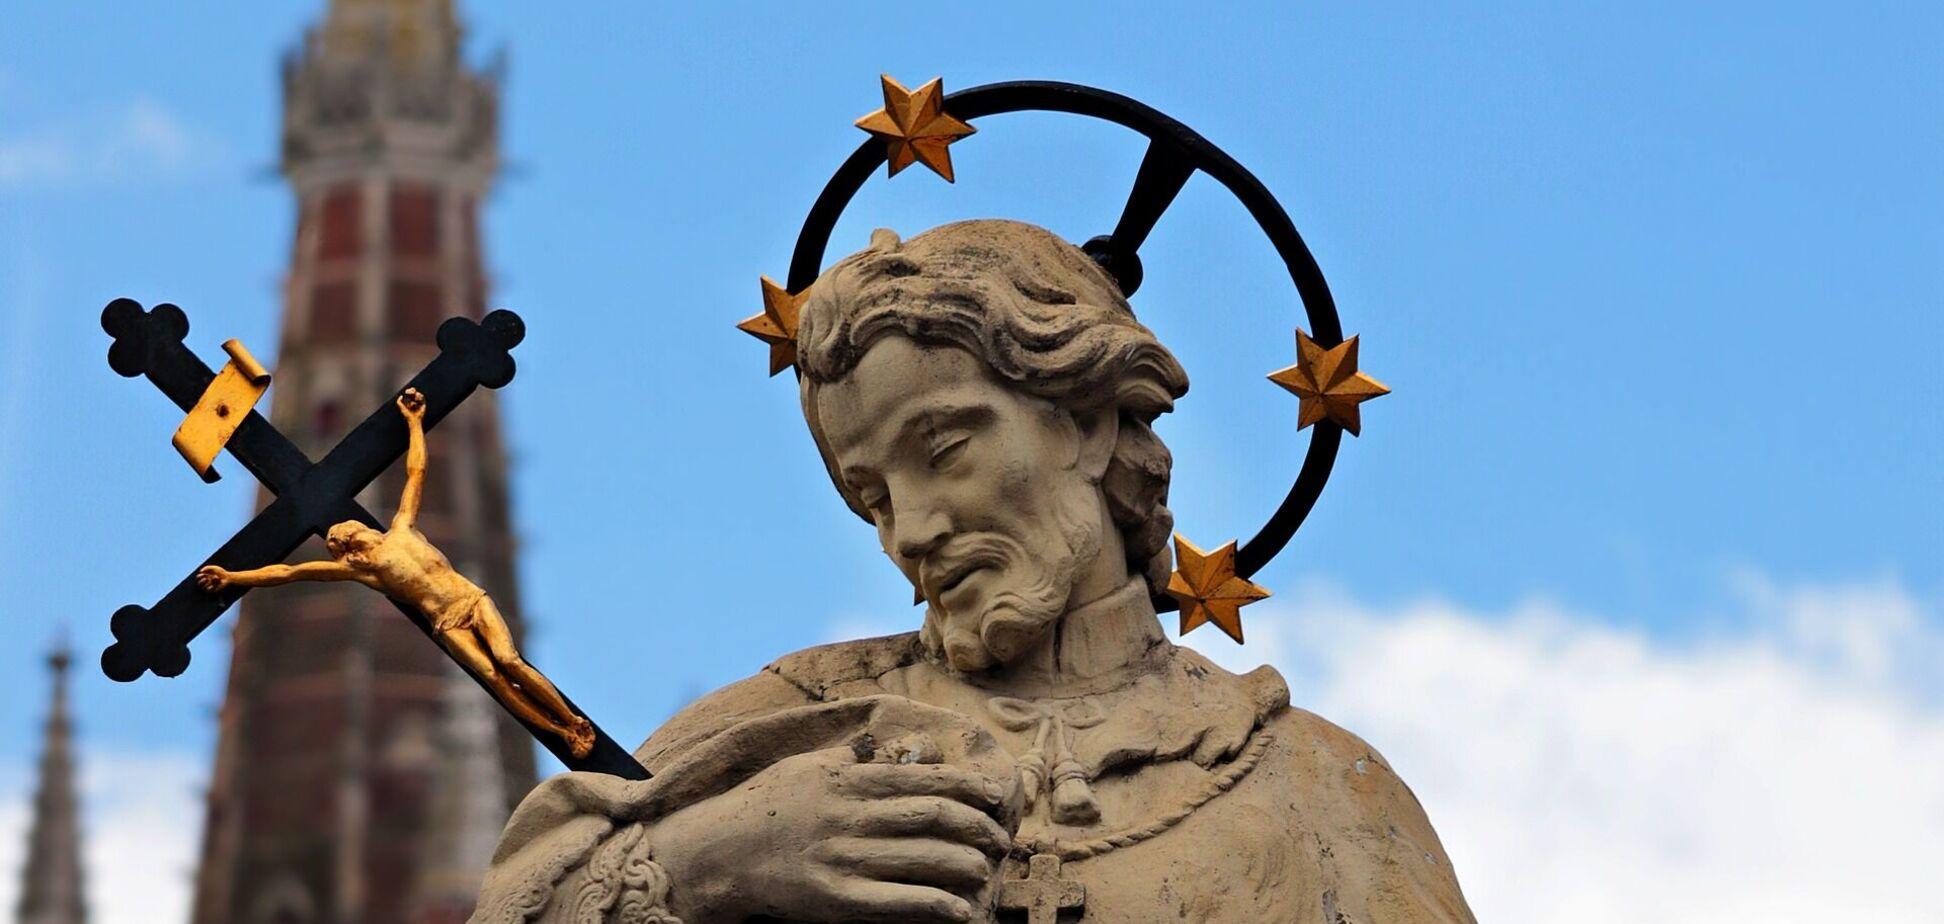 Усікновення глави Іоанна Предтечі або Головосік: традиції свята